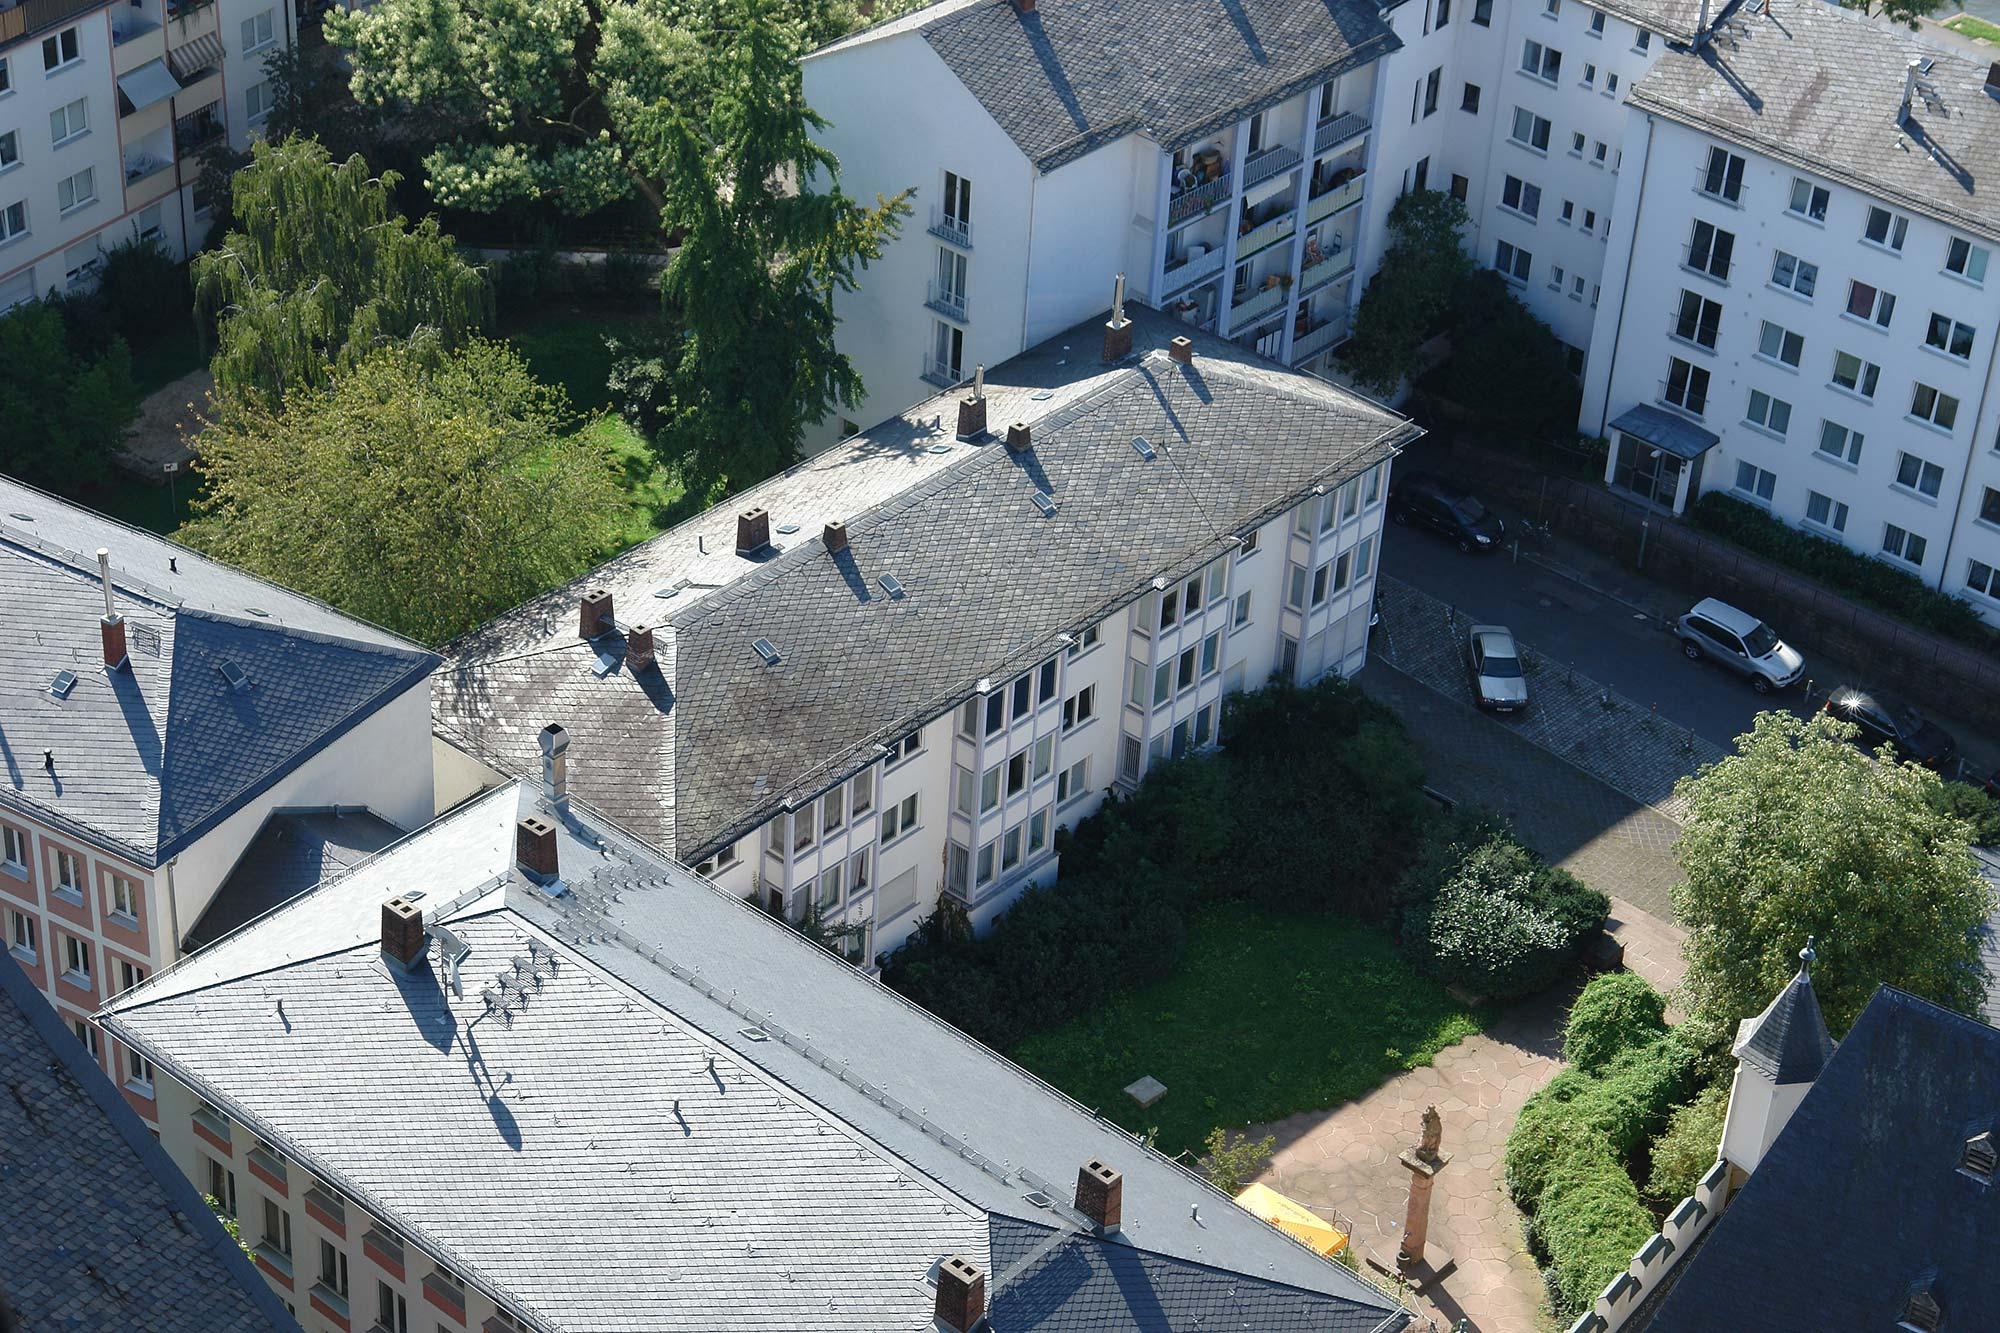 Schnell errichtete Bauten der 1950er und 1960er Jahre. Altstadt Frankfurt bedeutet nicht alte Gebäude.